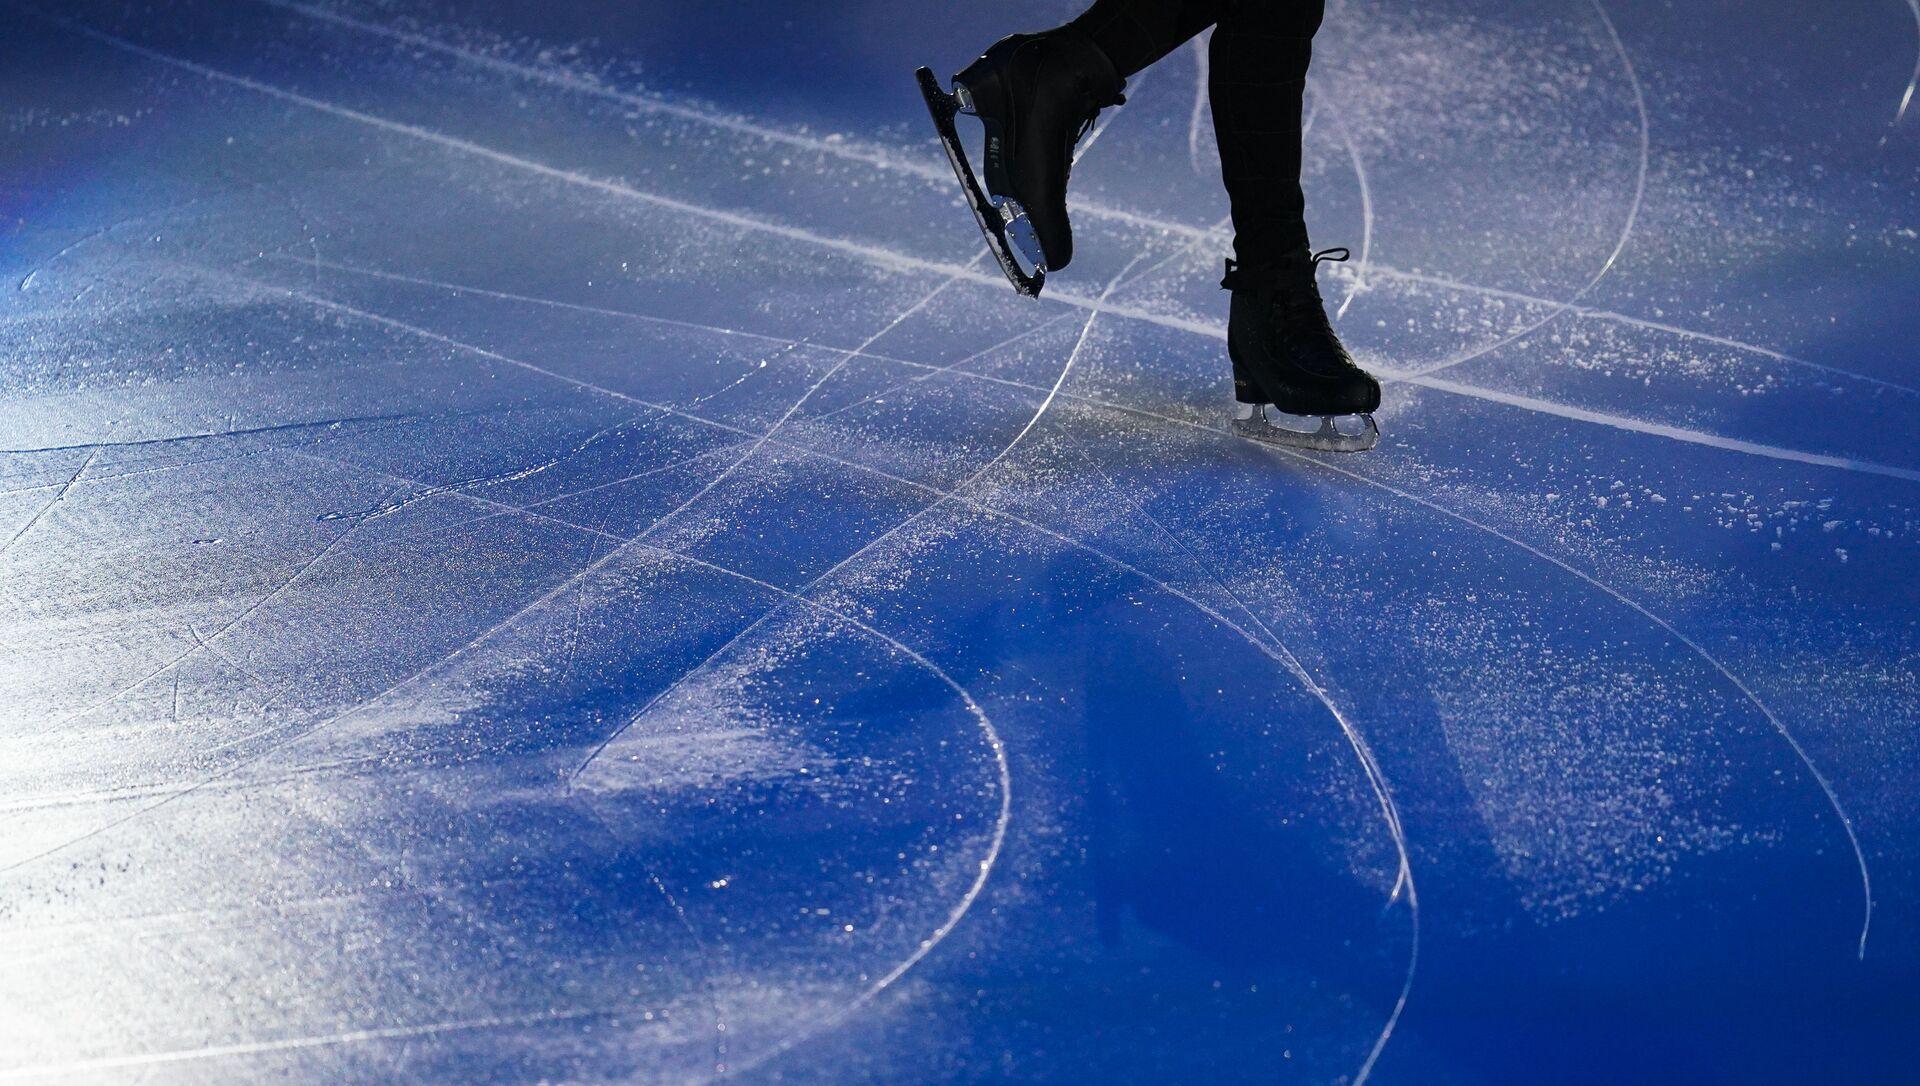 ロシア人フィギュア選手 グランプリ米国大会参加のためのビザ取得で大困難 - Sputnik 日本, 1920, 28.09.2021